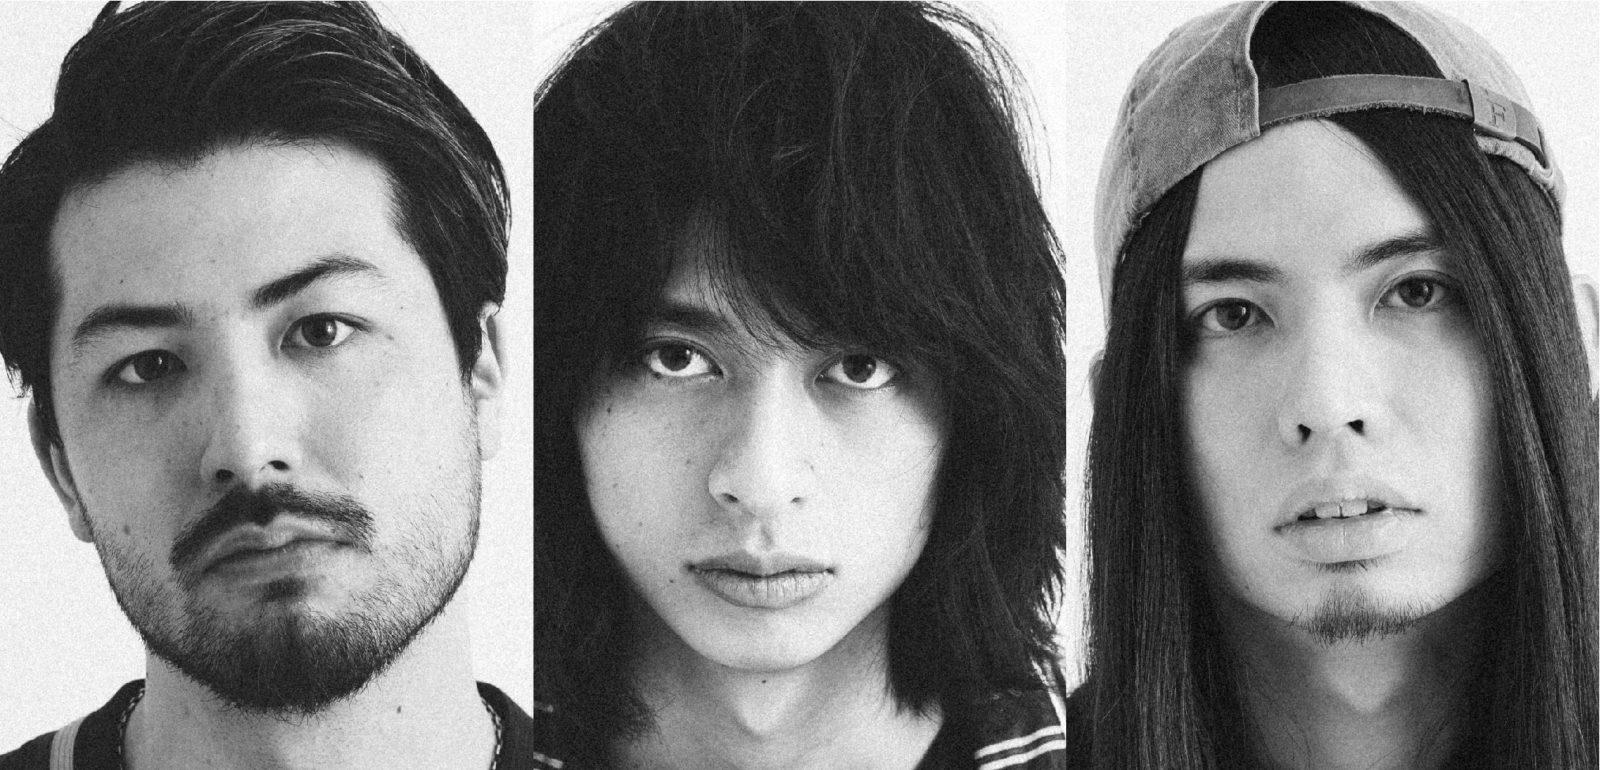 w.o.d.、初夏に開催の東名阪対バンツアーゲスト第一弾発表サムネイル画像